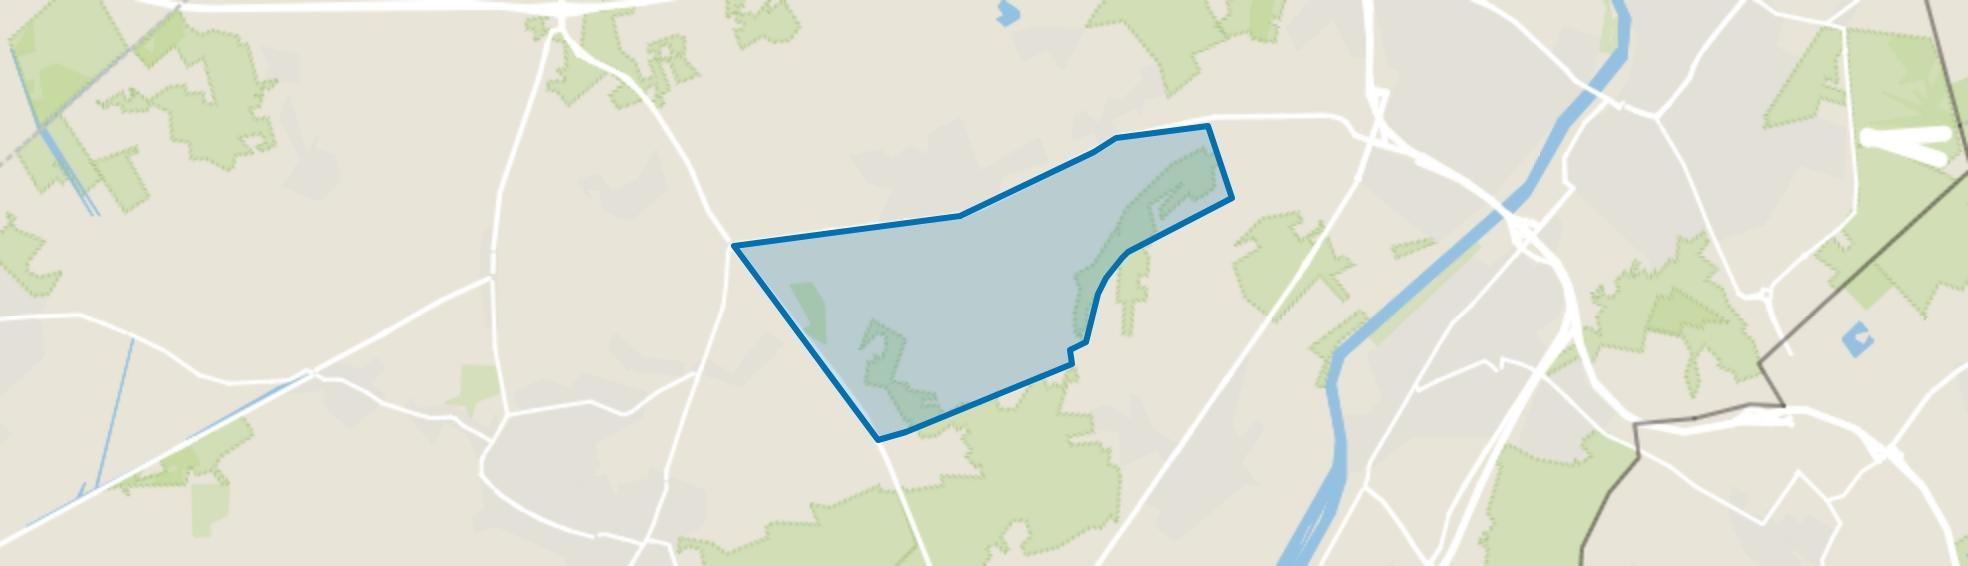 Verspreide huizen ten zuiden van Provinciale weg, Maasbree map